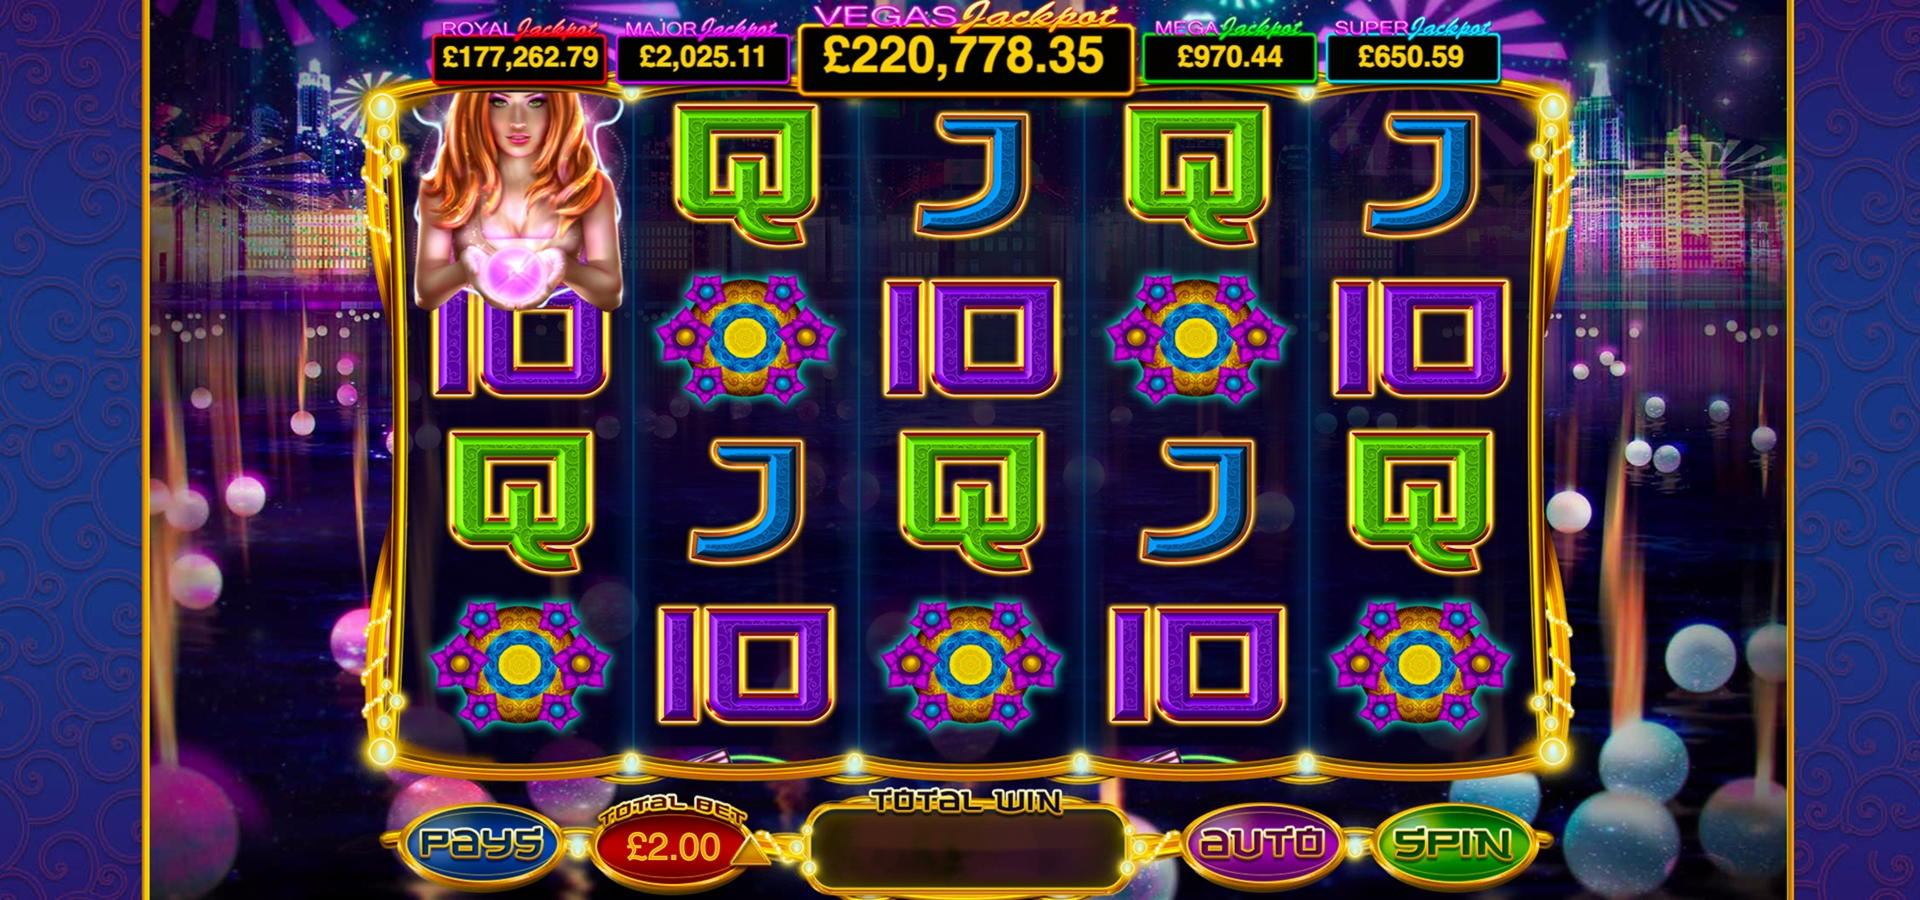 770% ไม่มีกฎโบนัส! ที่ Treasure Island Jackpots Casino (กระจกเงินสด Sloto)